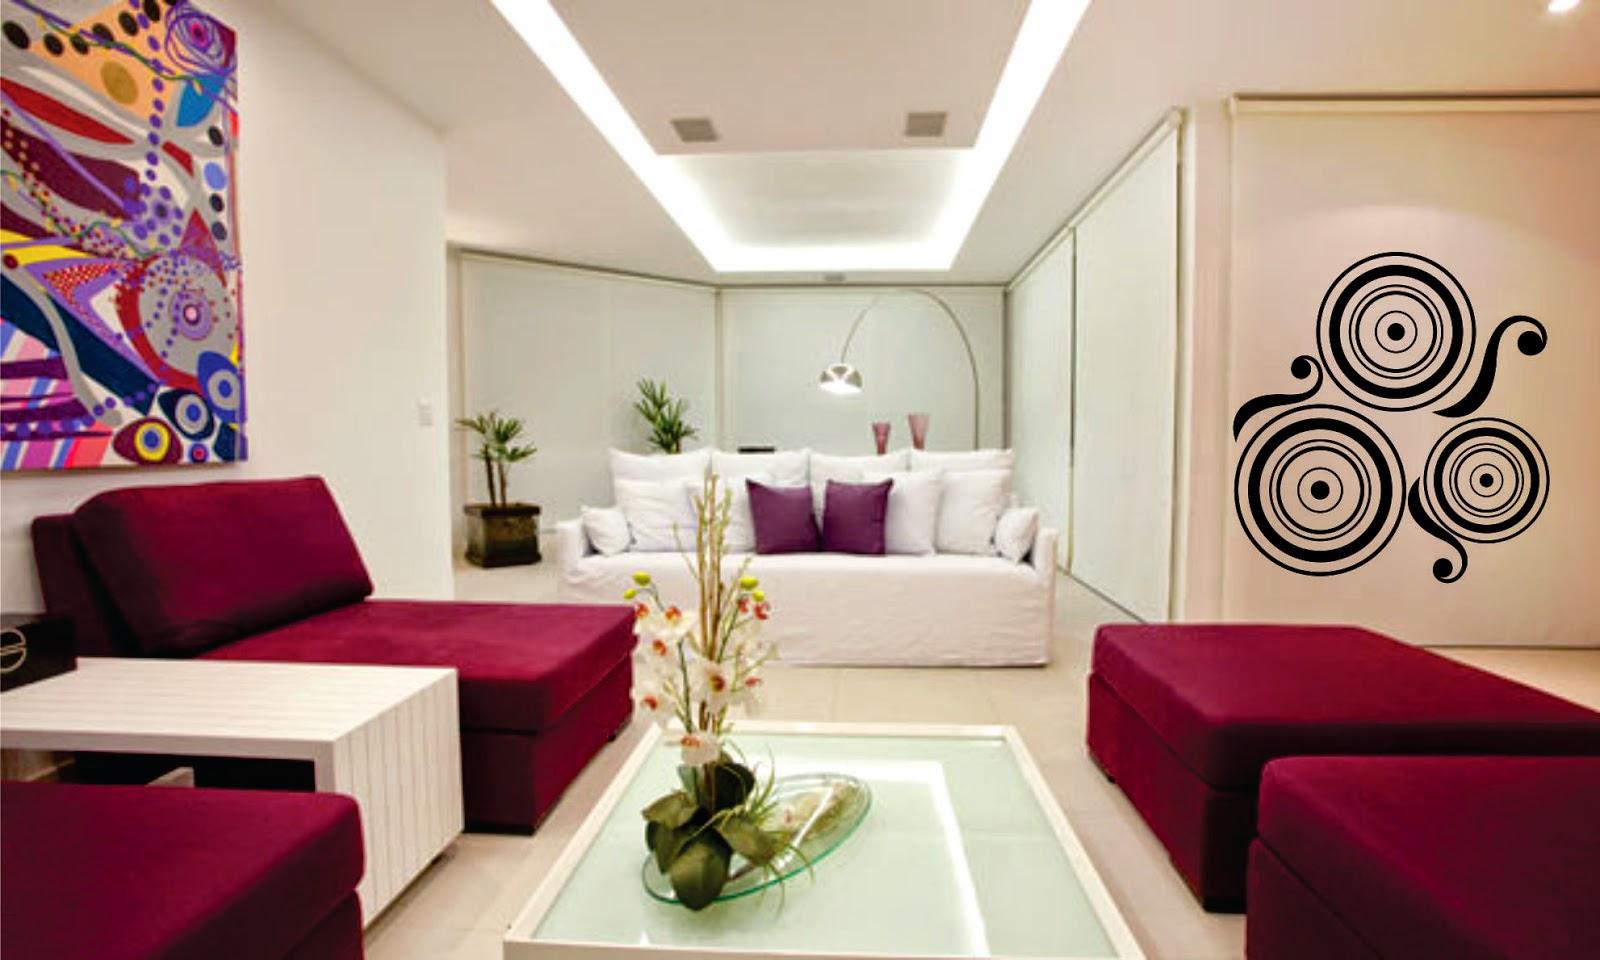 Garage 75 Adesivos Adesivos Decorativos Para Sala Bauru -> Adesivo Sala De Jantar